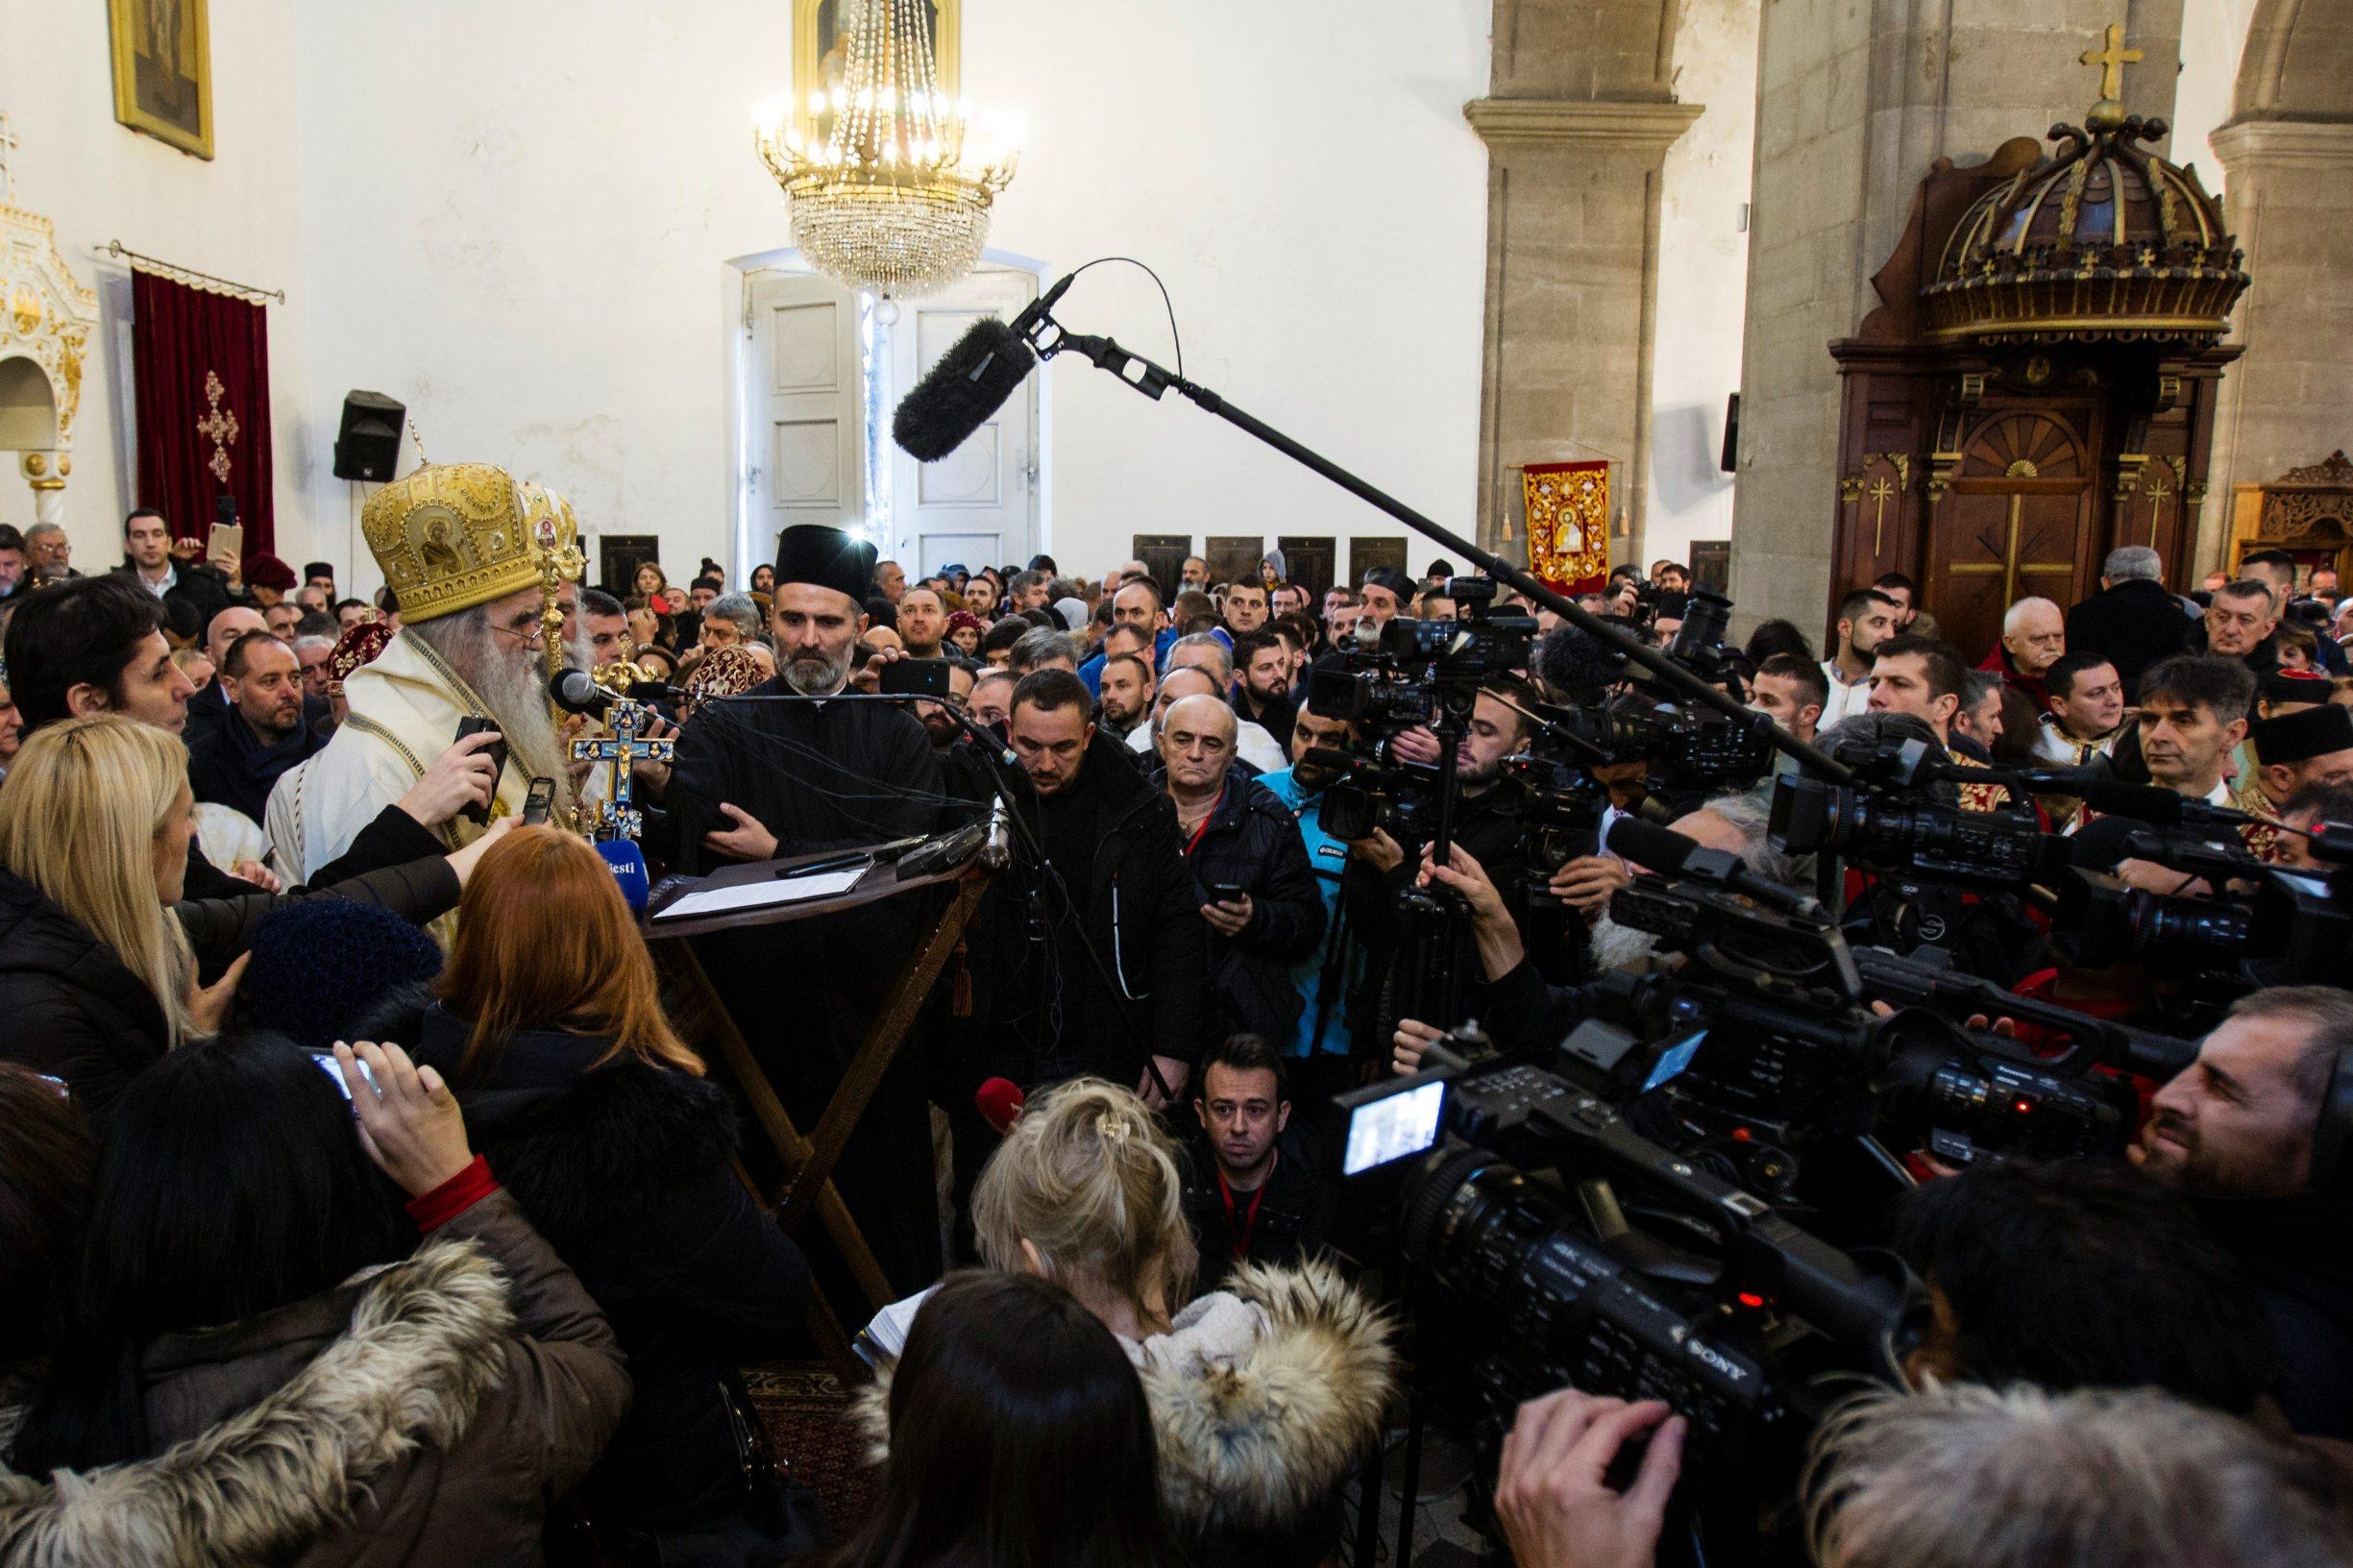 Mitropolita Srpske pravoslavne crkve u Crnoj Gori Amfilohija govori okupljenima protiv zakona o slobodi vjeroispovijesti